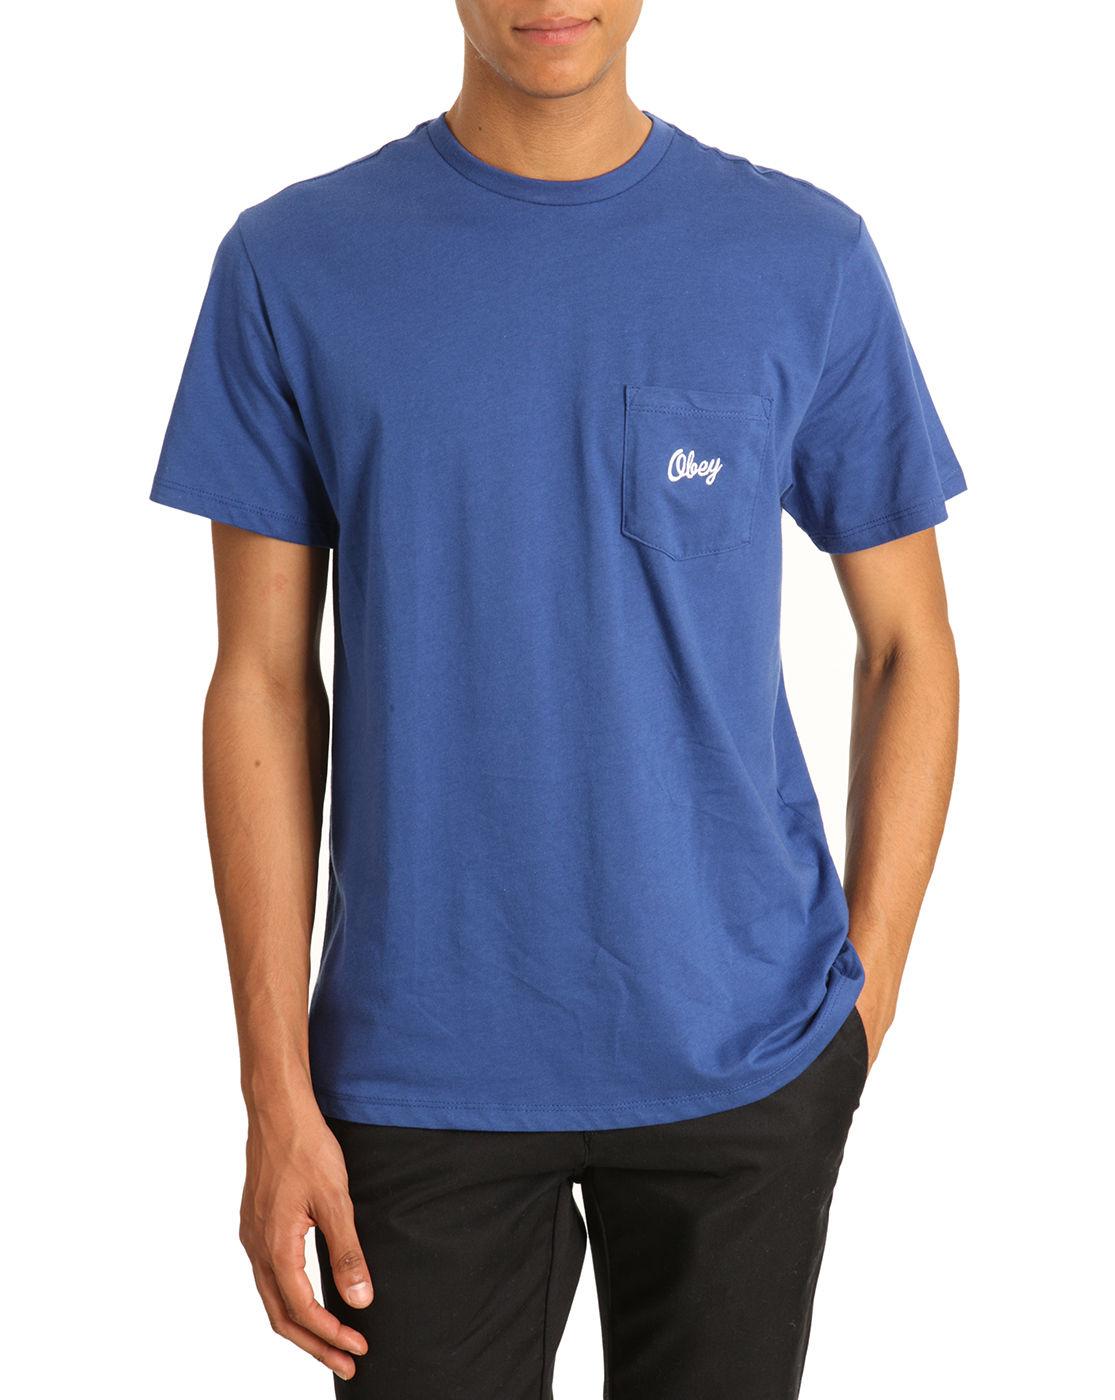 obey follen t shirt navy blue pocket in blue for men navy. Black Bedroom Furniture Sets. Home Design Ideas